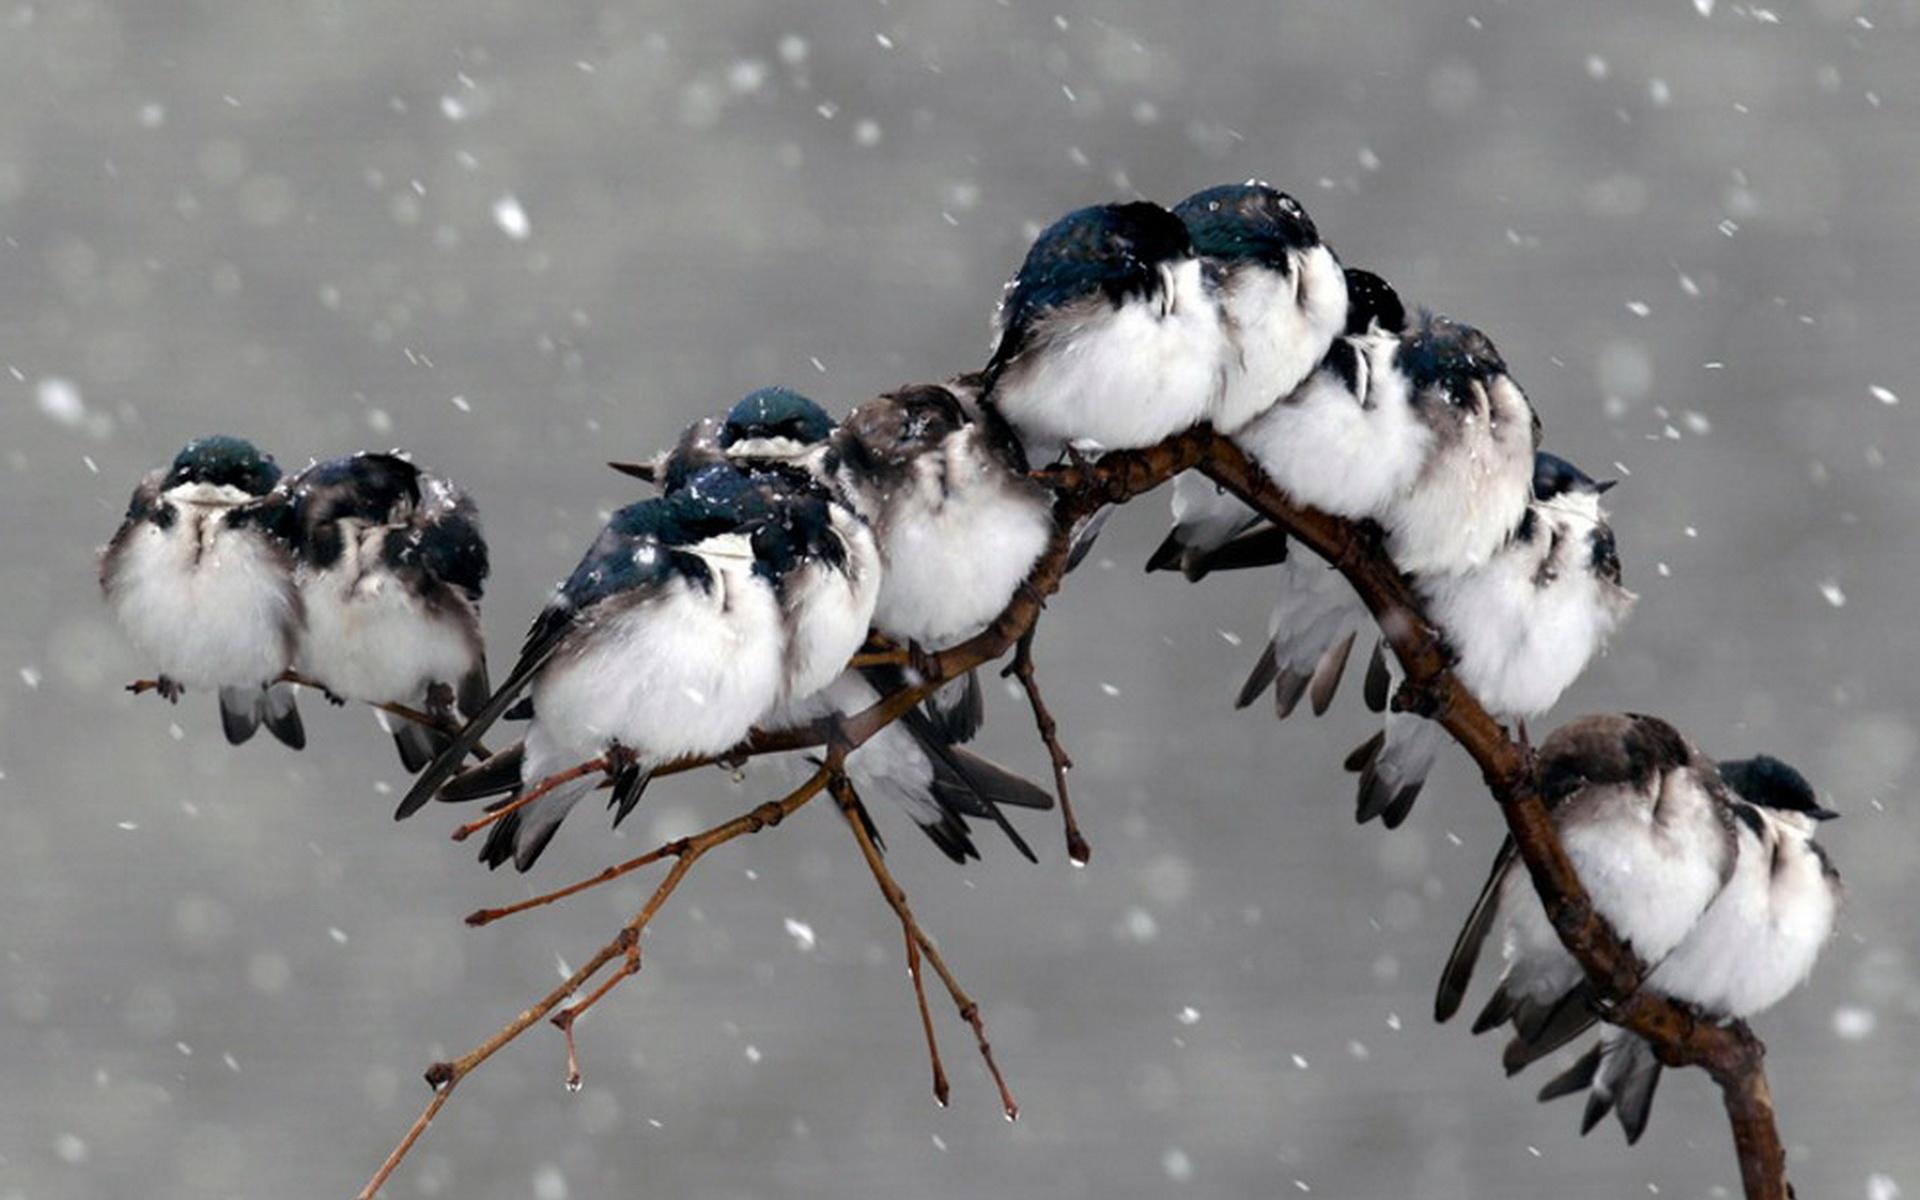 было много, картинки красивые прикольные конец зимы опубликовал свежее фото